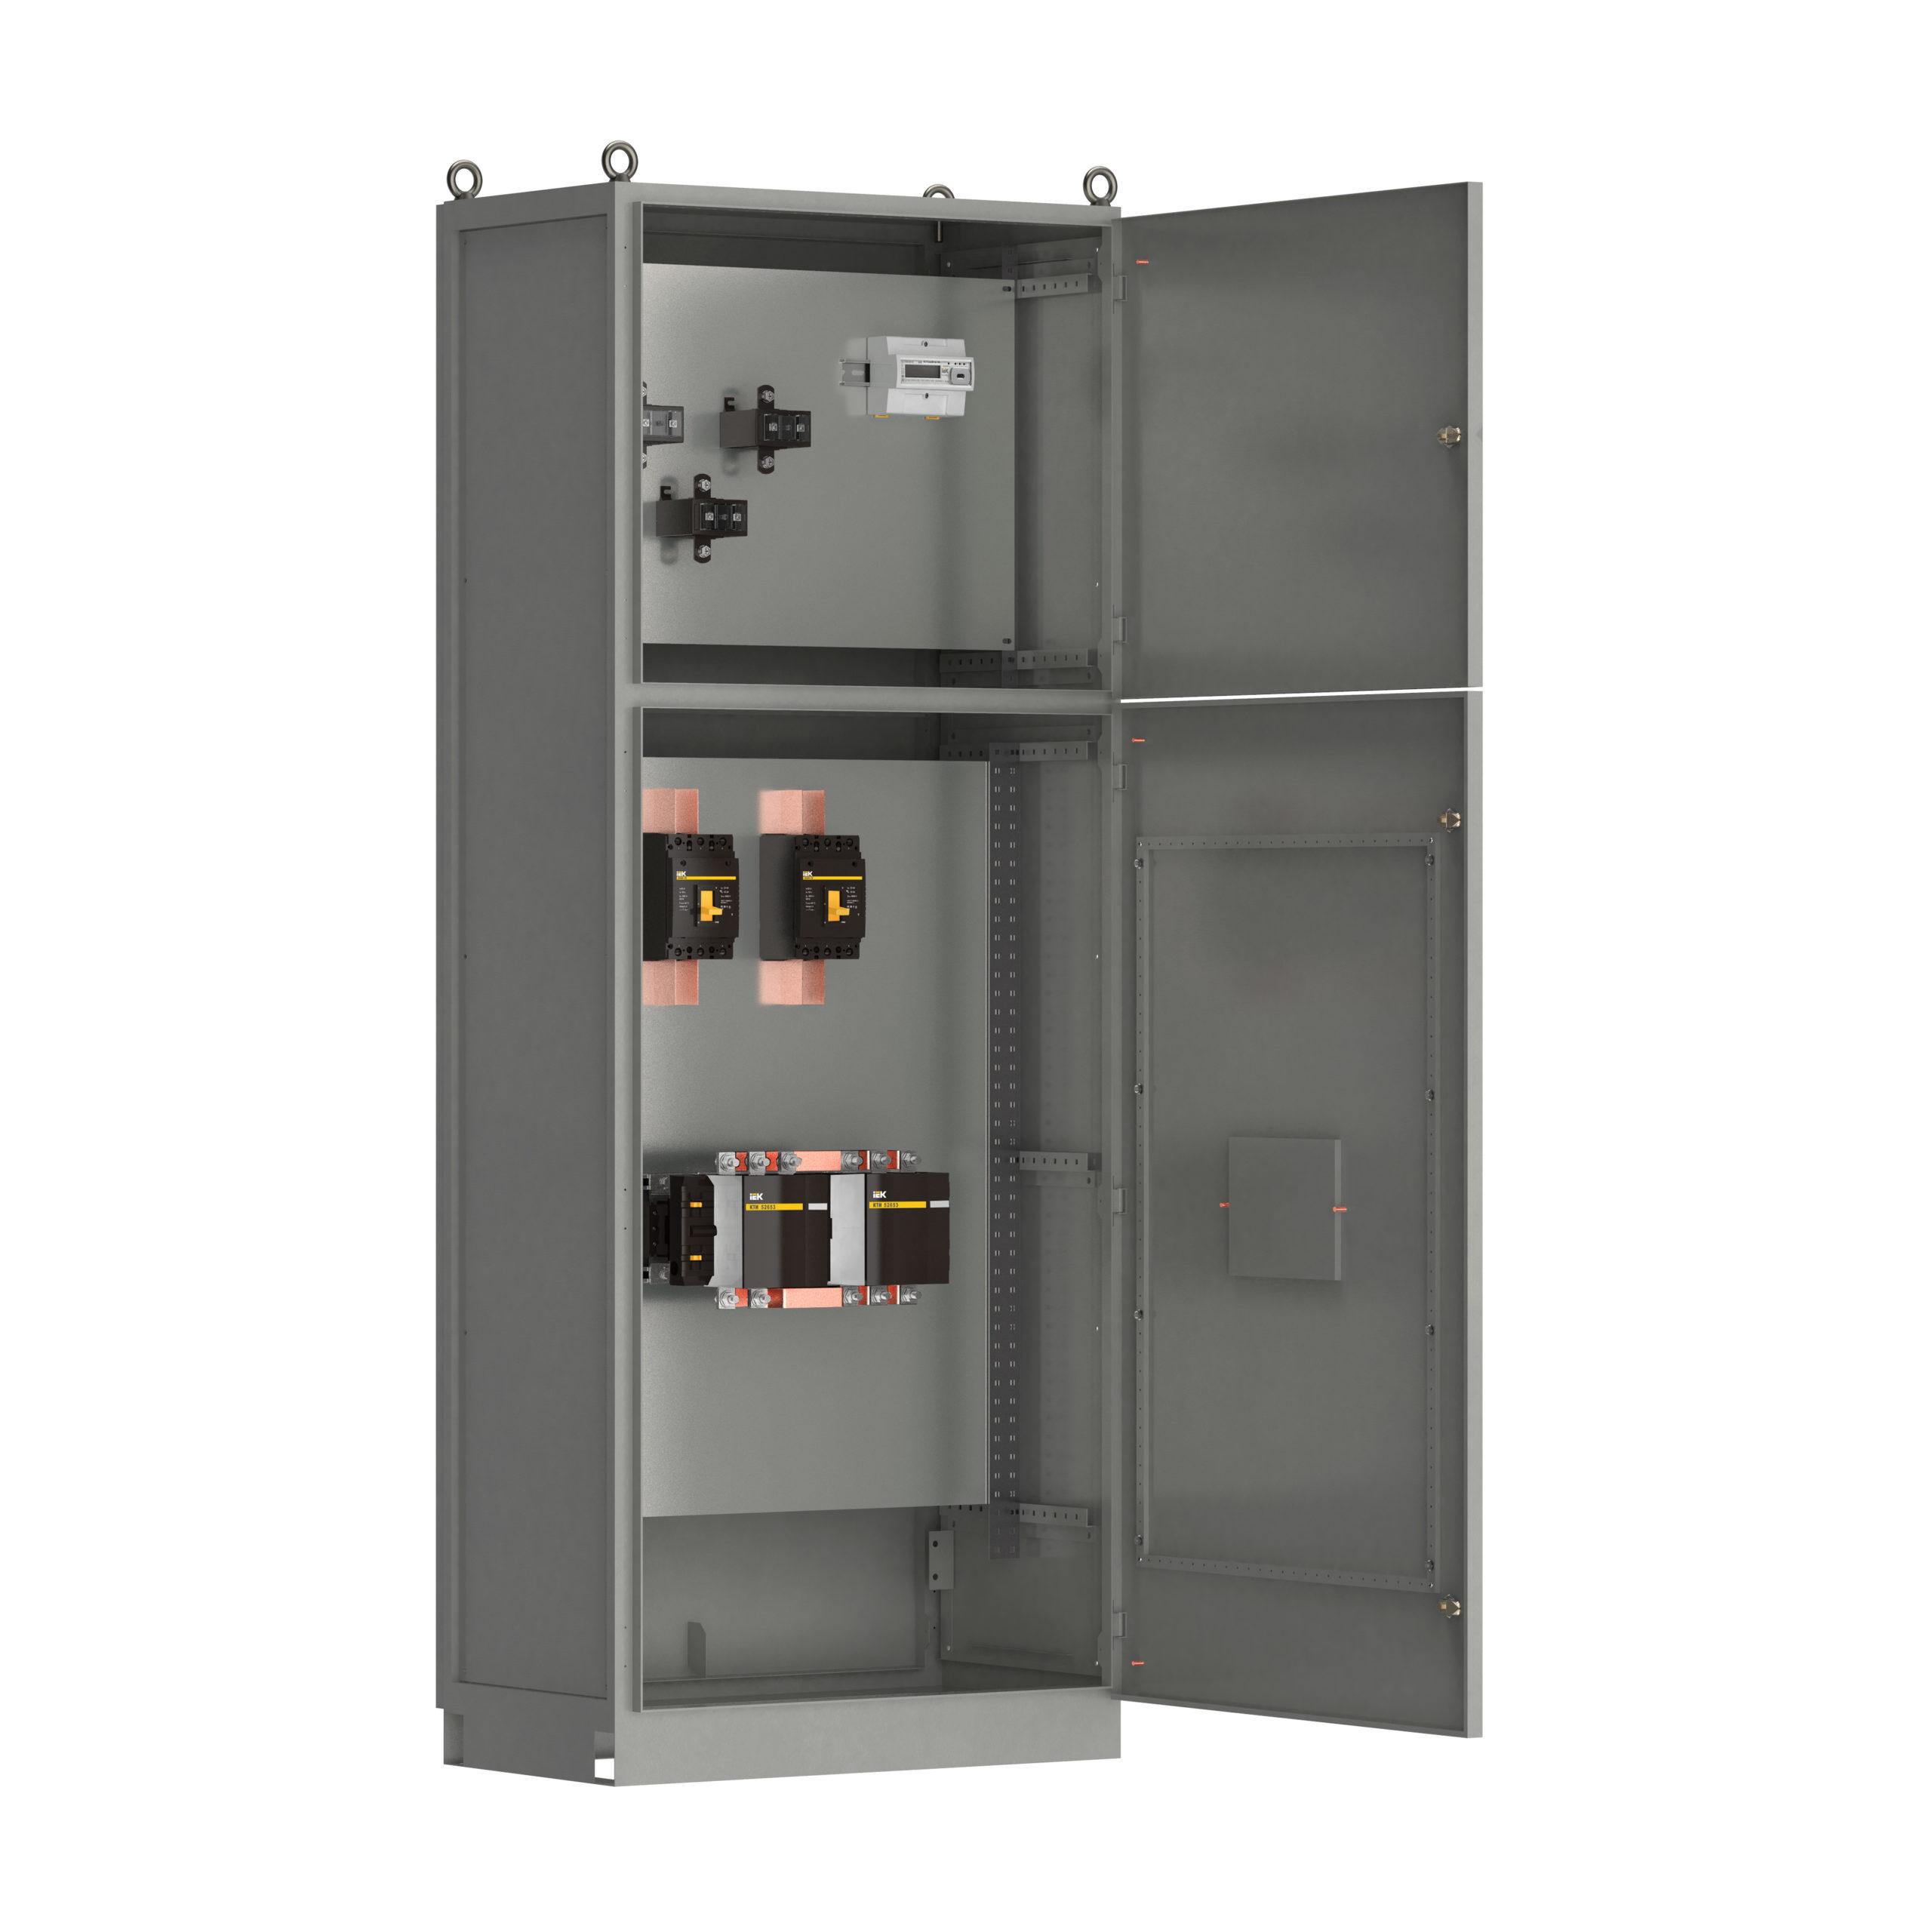 Панель вводная ВРУ-8504 МУ 3ВА-8-16-0-30 выключатели автоматические 3Р 2х160А контактор реверсивный 1х185А и учет IEK